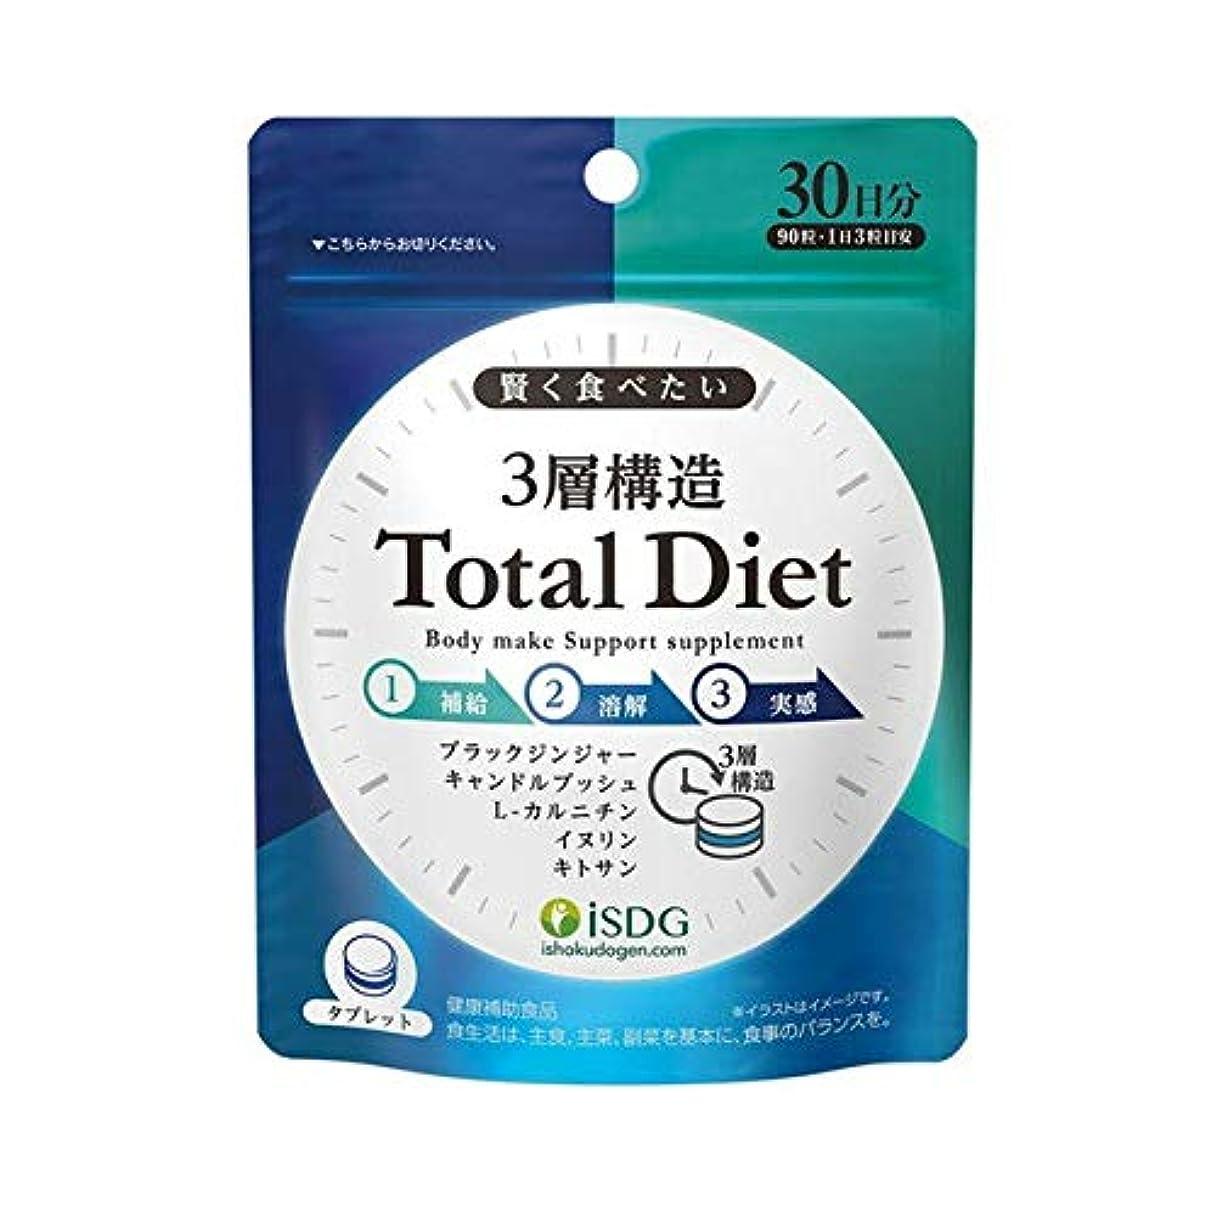 肘才能ポジティブ医食同源ドットコム ISDG 3層構造 Total Diet 90粒入 トータル ダイエット×5個セット